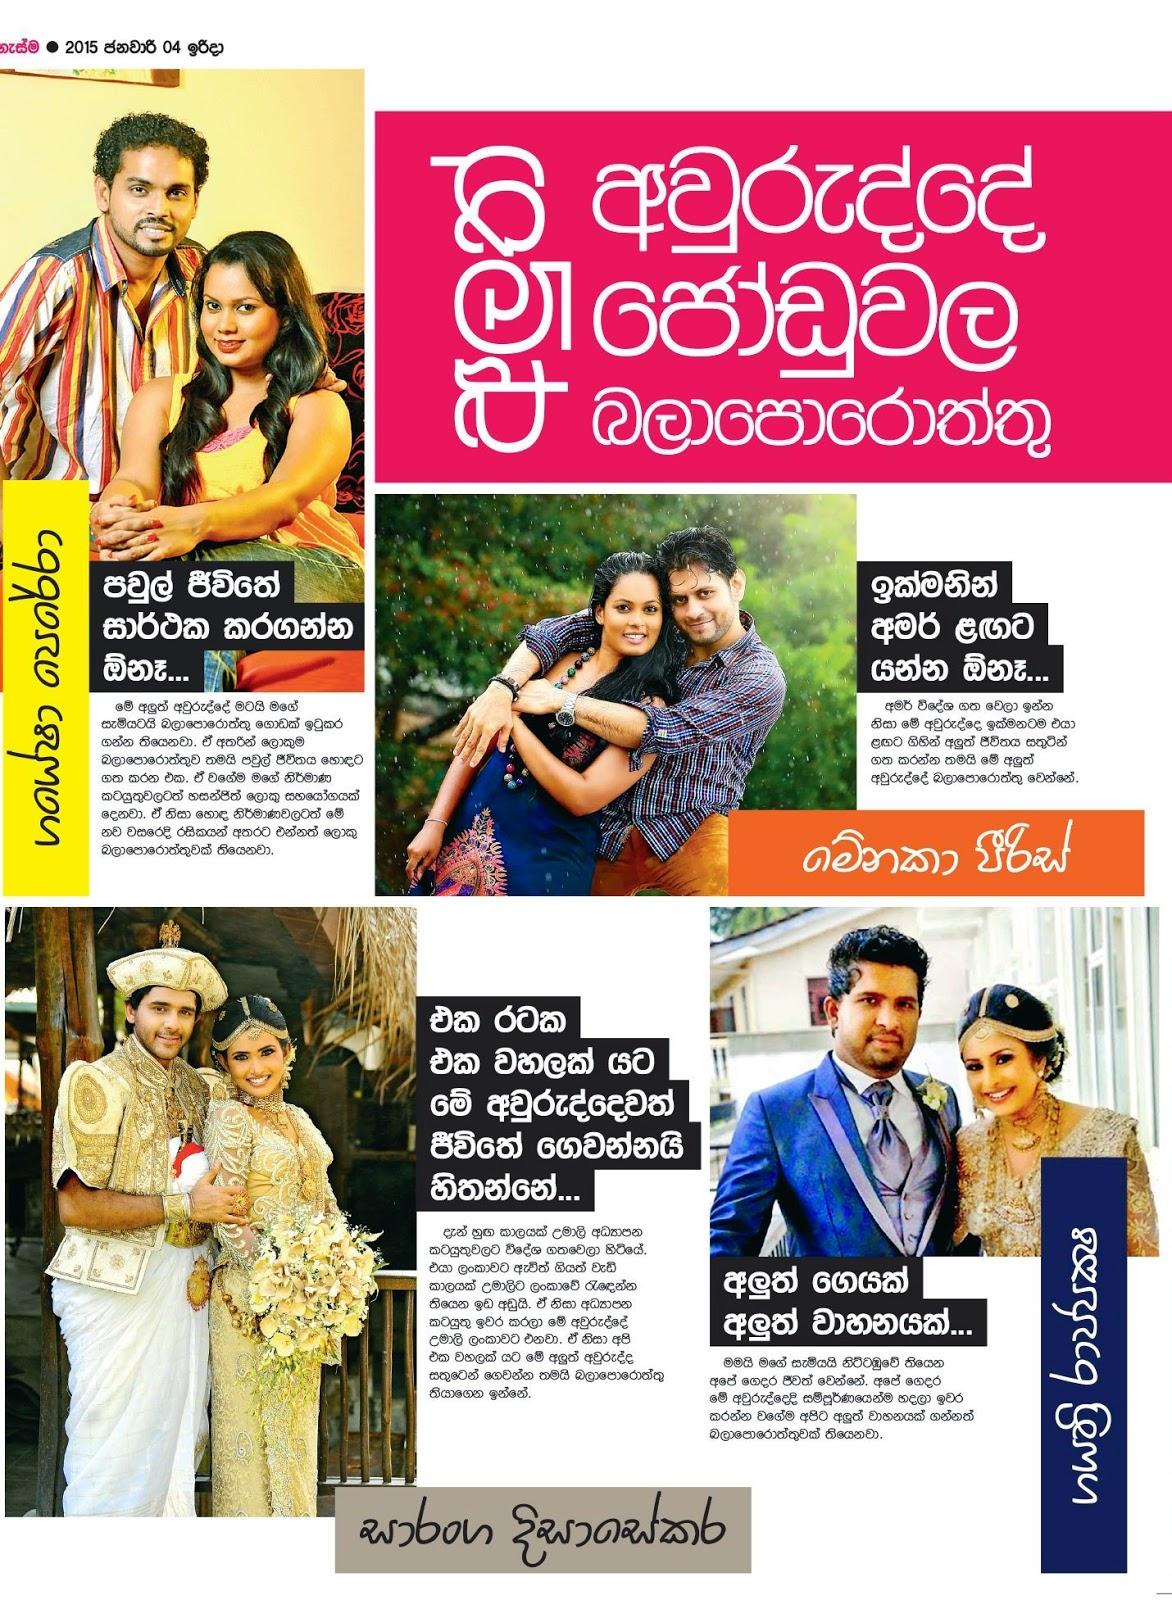 sri lanka news - photo #38